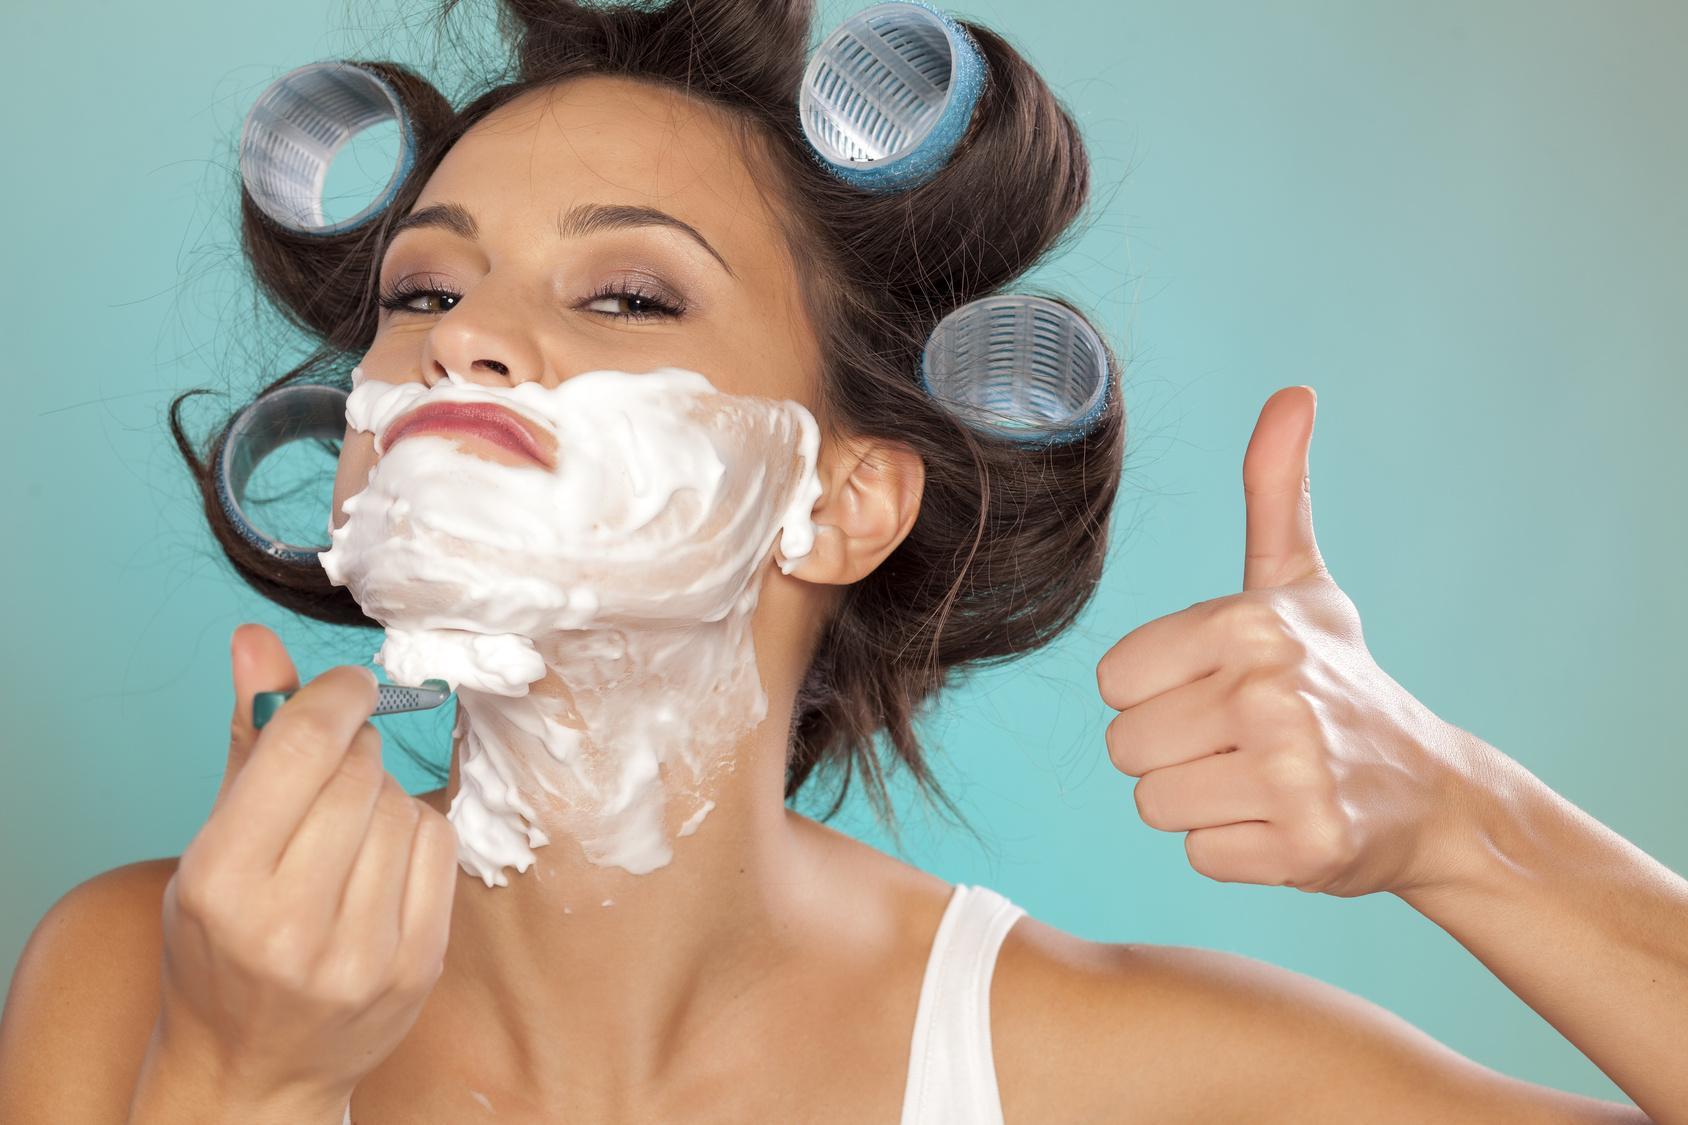 Смотреть как женщина бреется 3 фотография